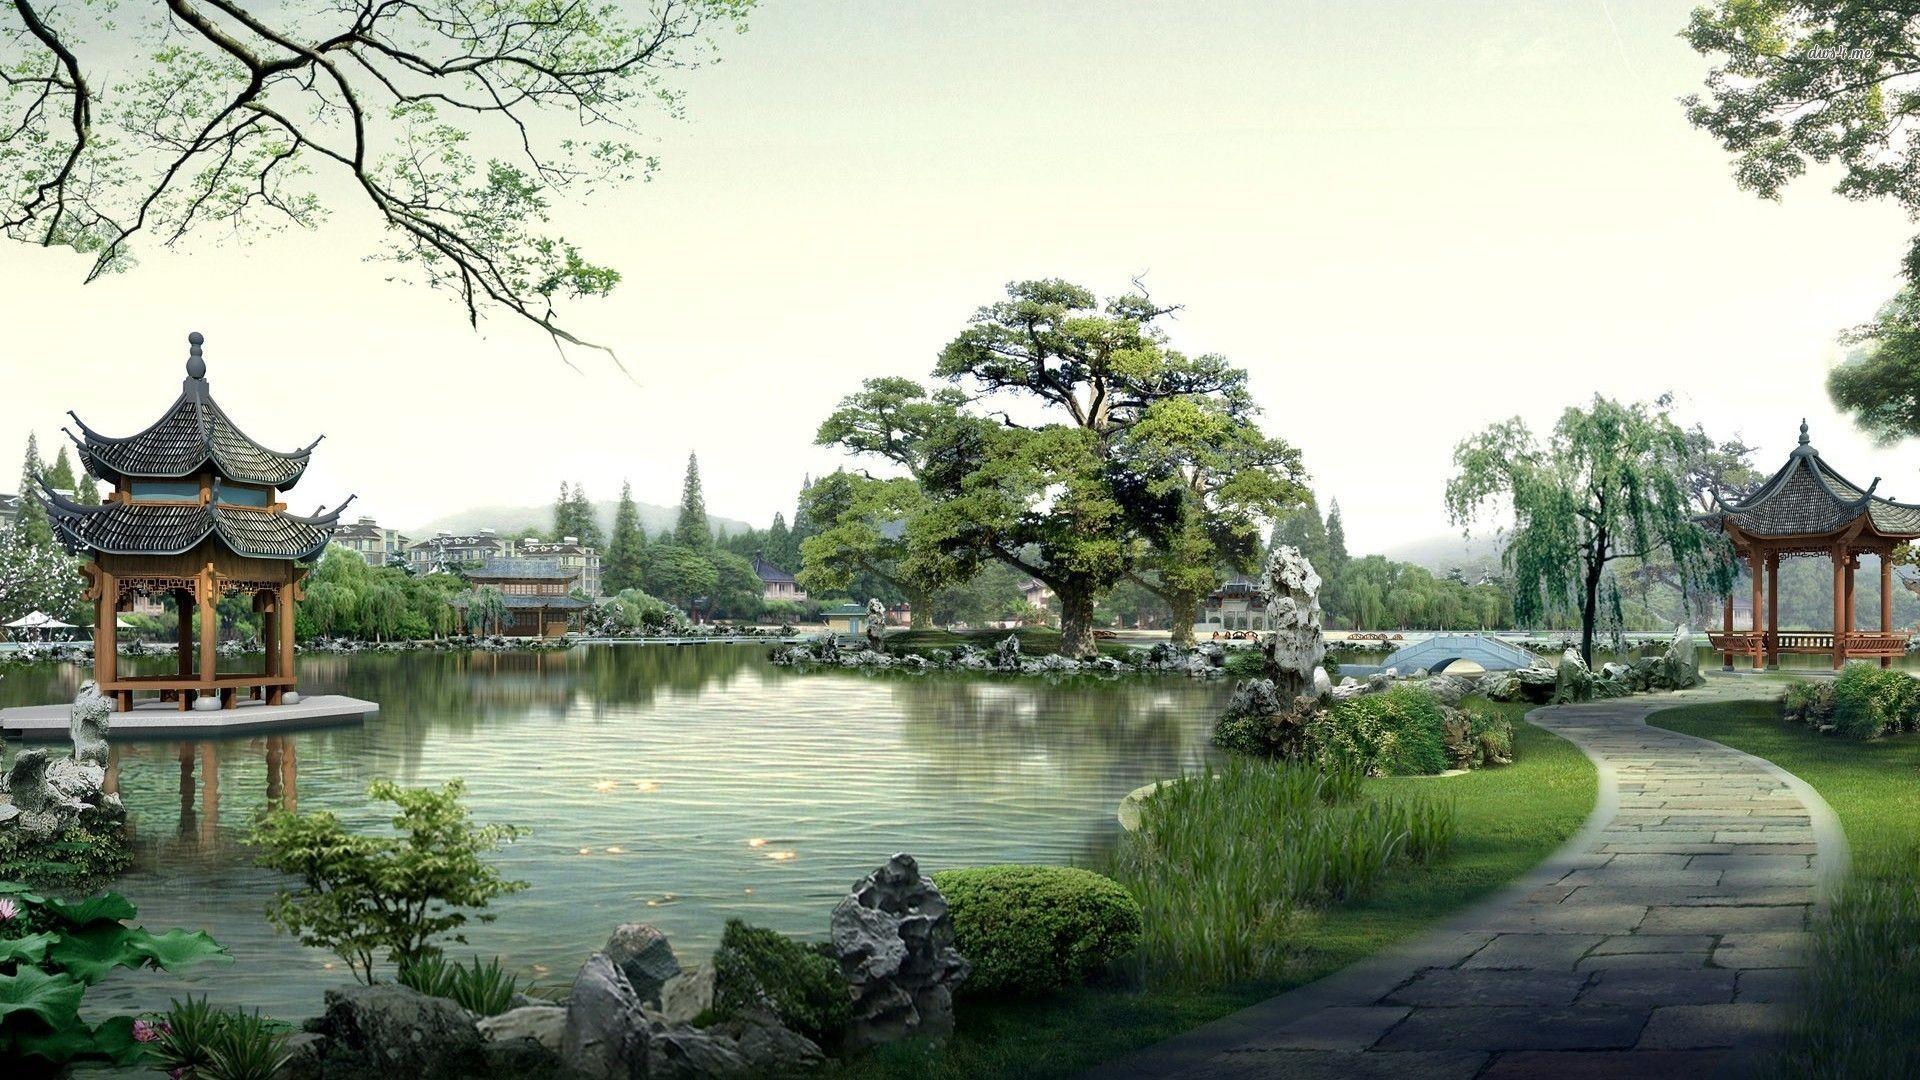 Japanese Garden Kyoto HD desktop wallpaper Widescreen High | HD Wallpapers  | Pinterest | Hd wallpaper, Wallpaper and Hd desktop